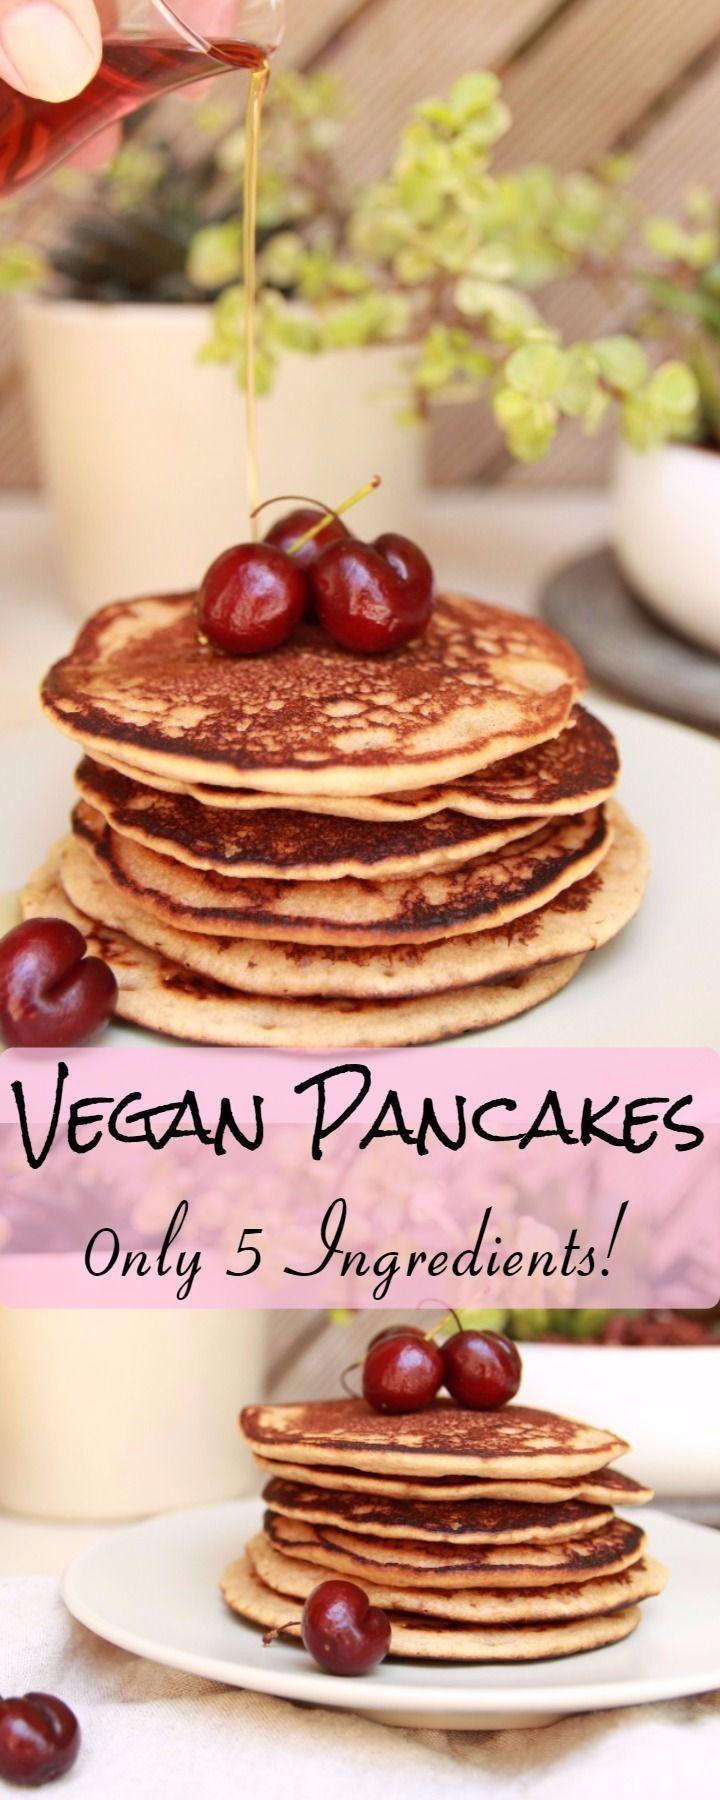 Healthy Vegan Pancakes The Only Pancake Recipe You Ll Need Healthy Vegan Pancakes Plant Based Recipes Breakfast Vegan Recipes Healthy